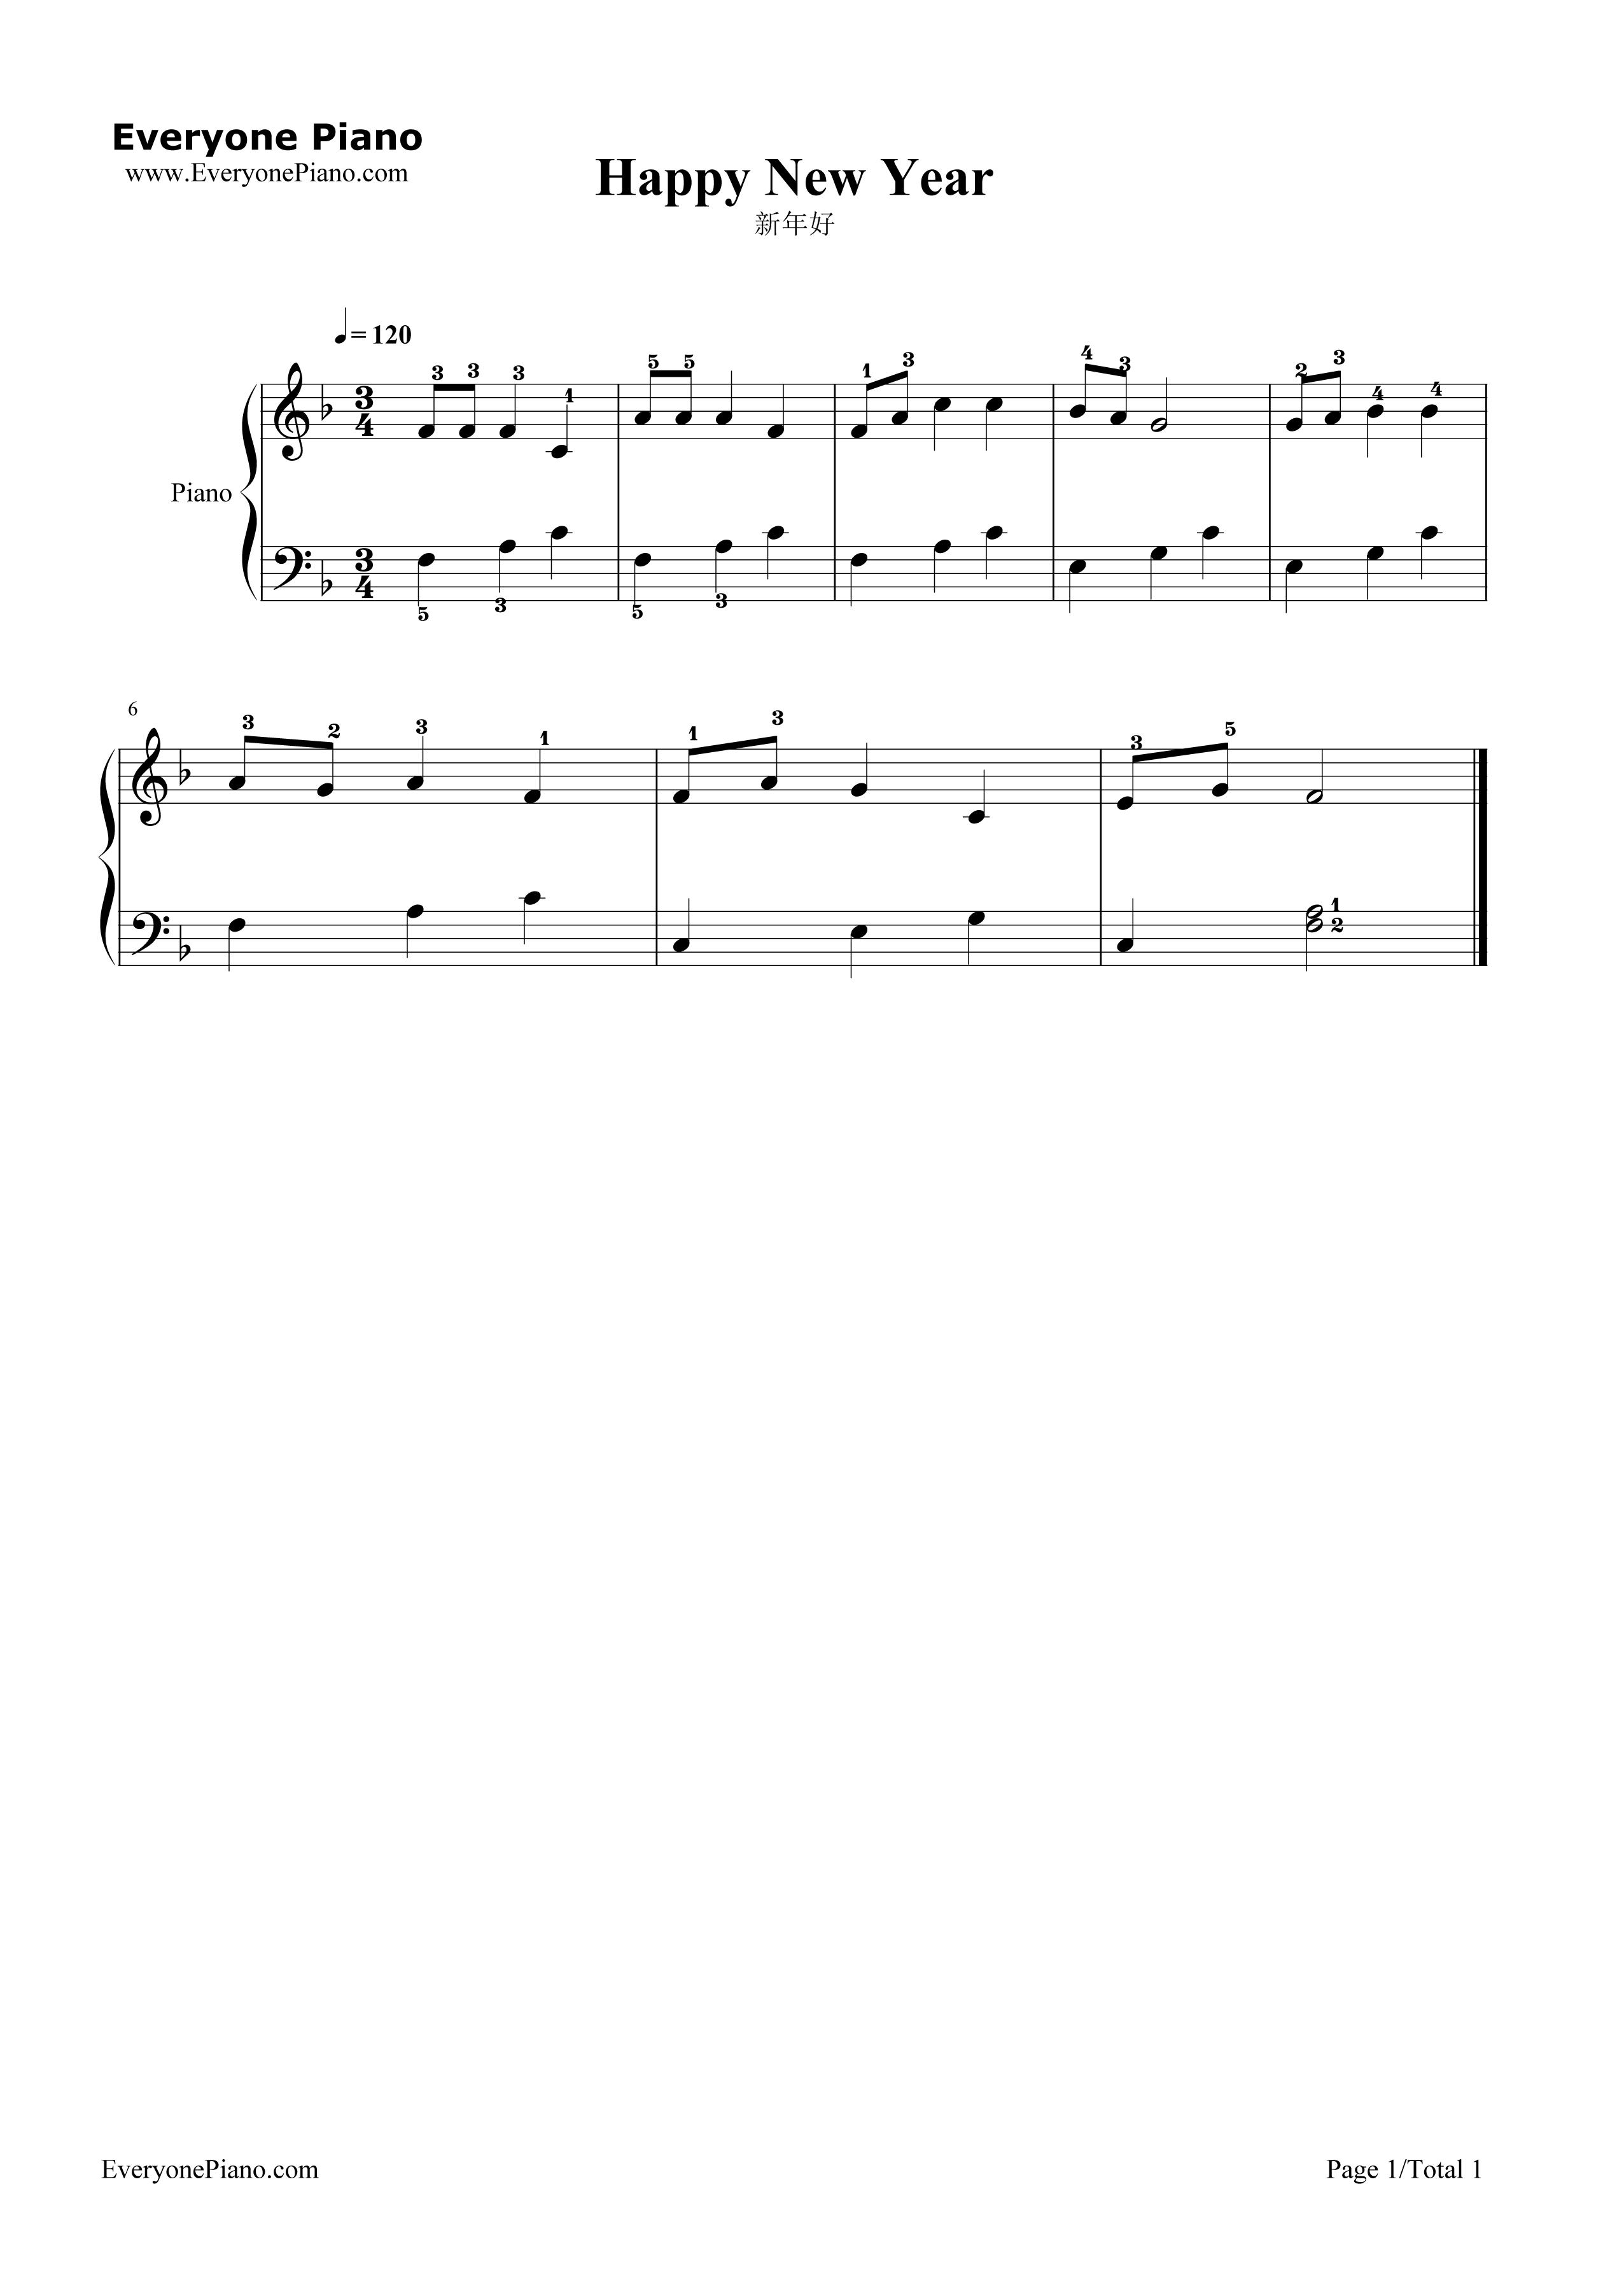 钢琴曲谱 儿歌 新年好 新年好五线谱预览1  }  仅供学习交流使用!